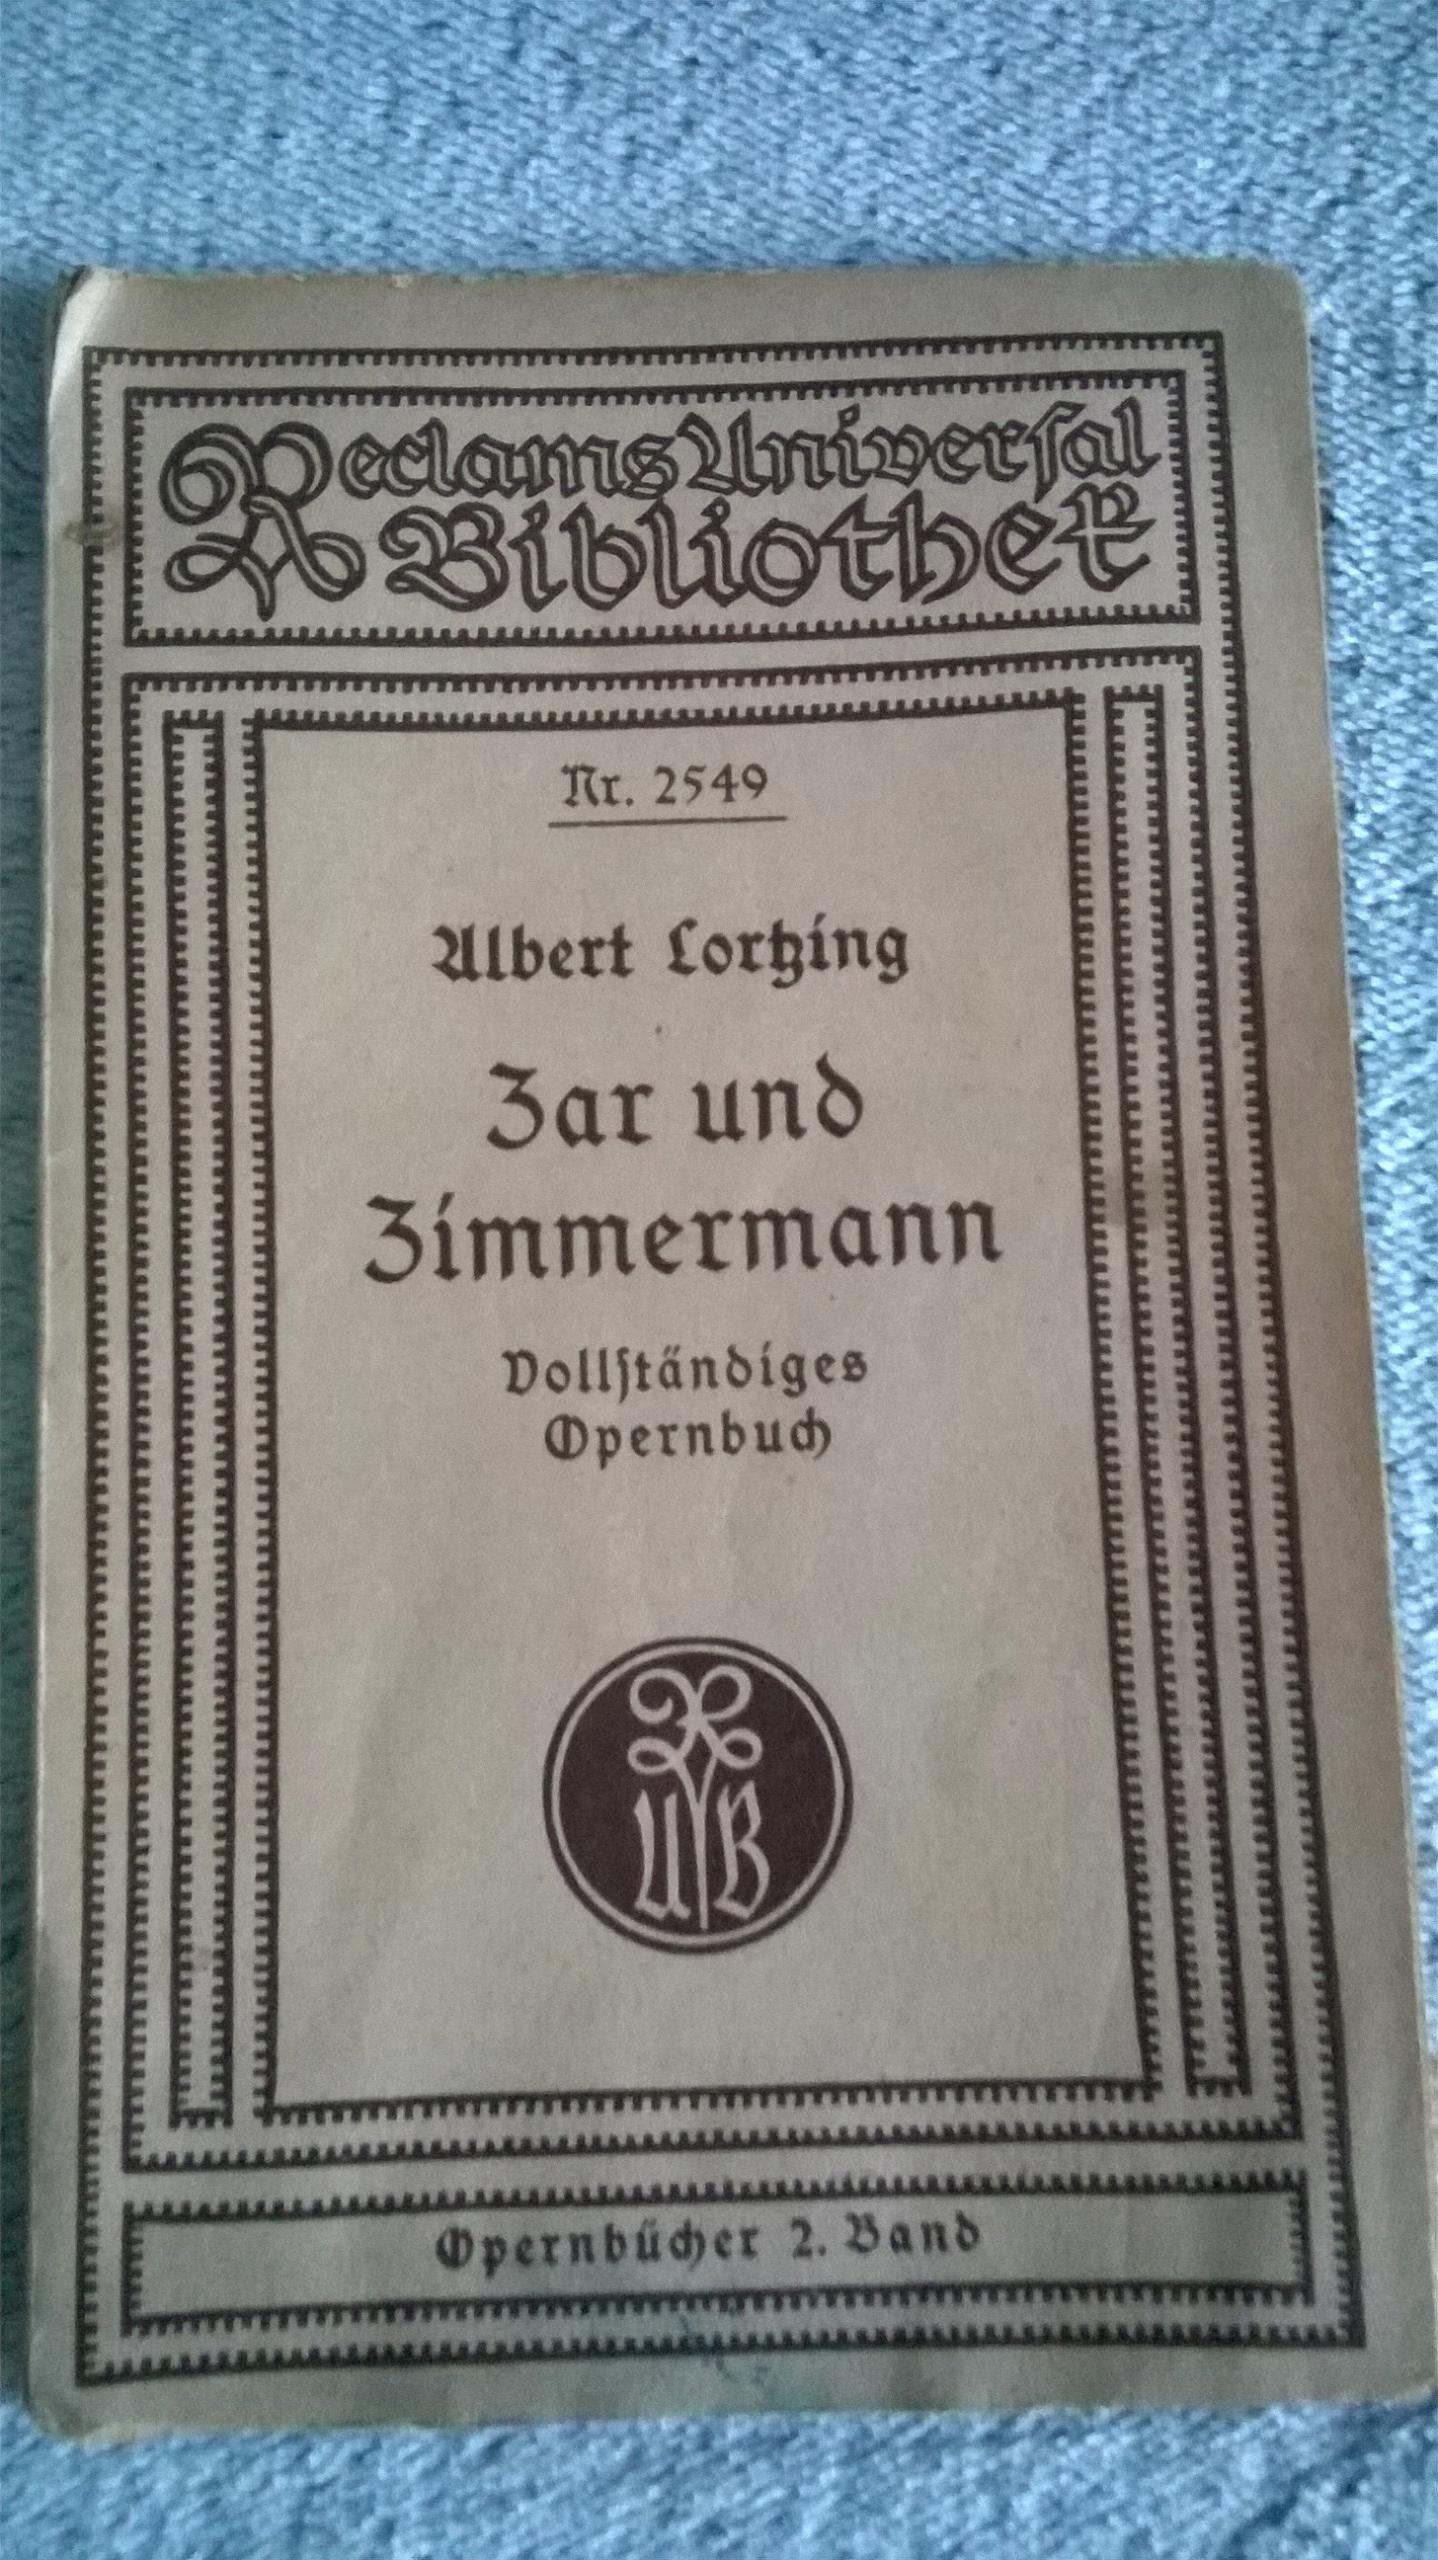 Zar und Zimmermann Opernbucher Wagner